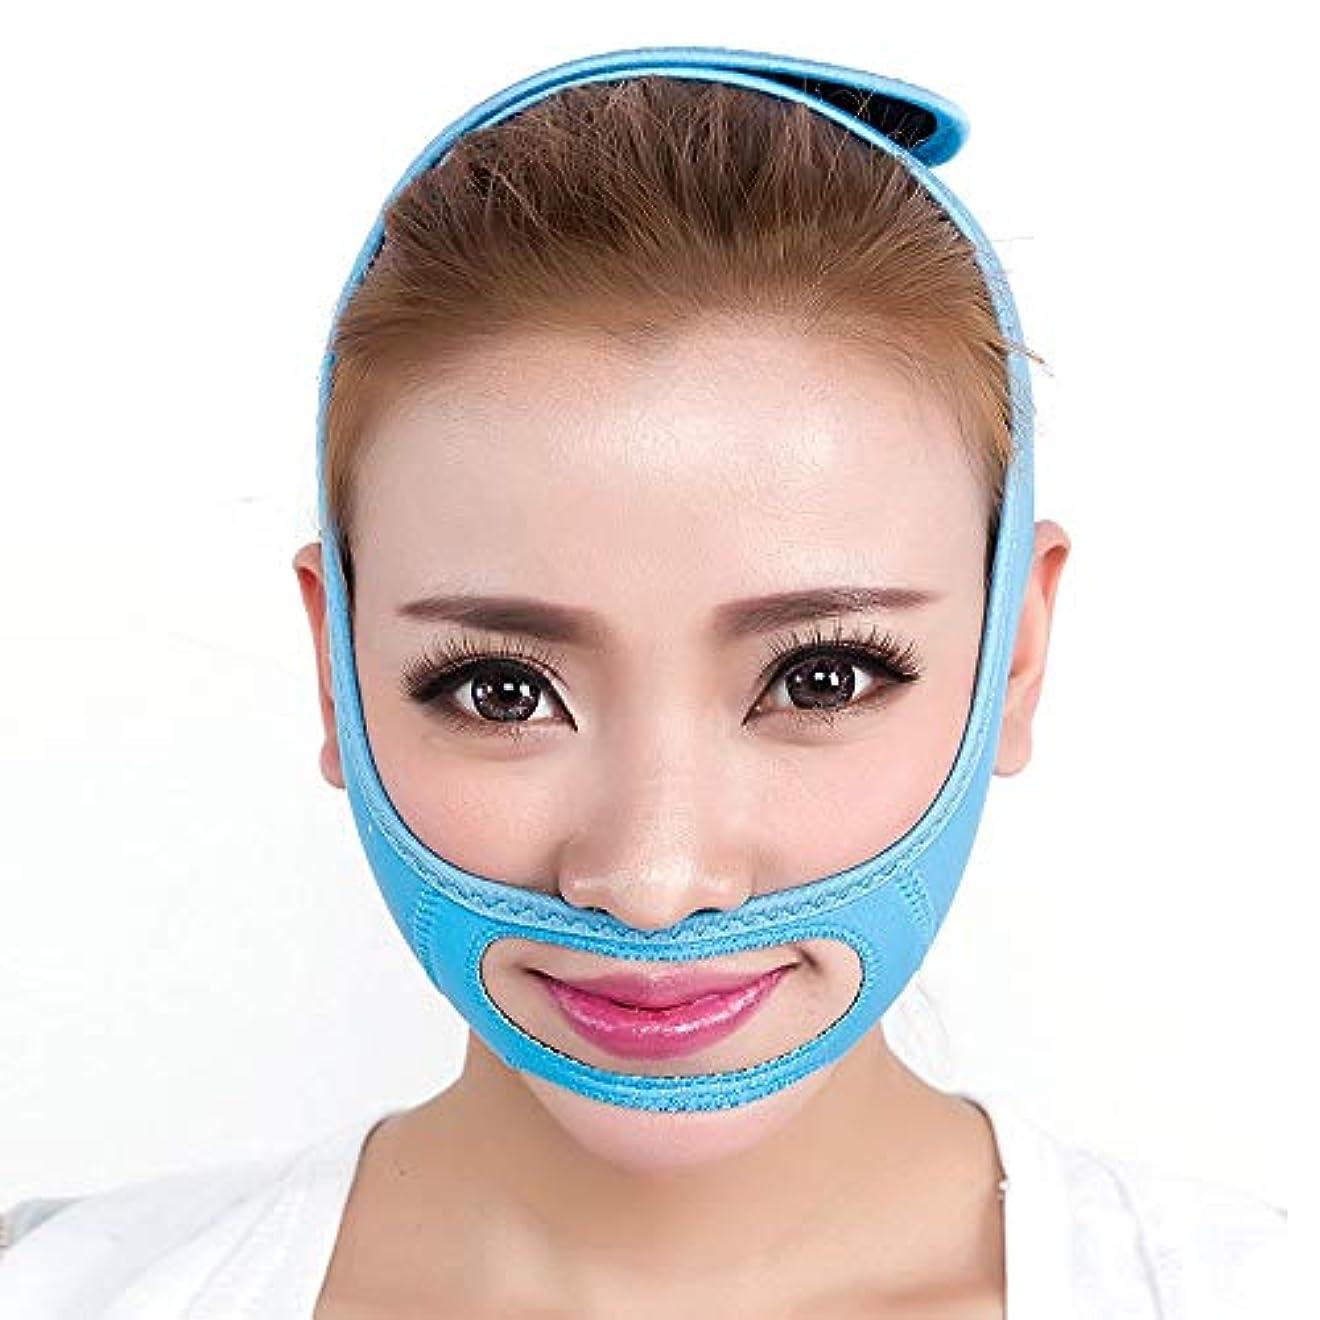 注目すべきシャイニングエンドテーブルJia Jia- シンフェイスマスクシンフェイス包帯シンフェイスアーティファクトシンフェイスフェイシャルリフティングシンフェイススモールVフェイススリープシンフェイスベルト 顔面包帯 (色 : B)